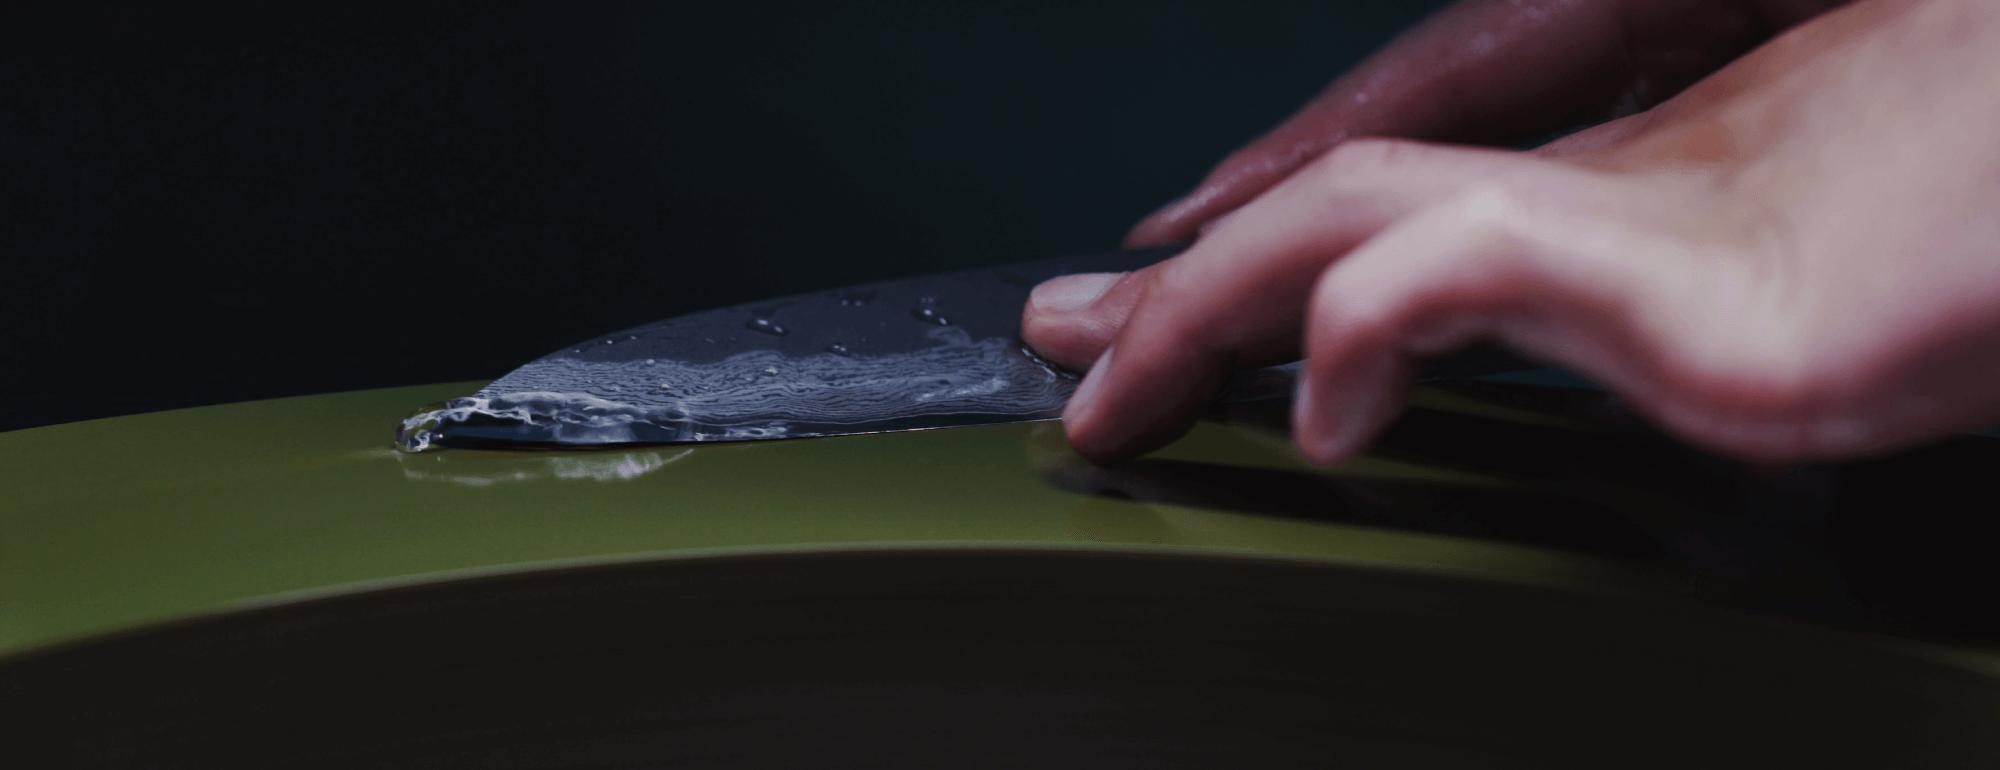 藤次郎刀具工作室image4